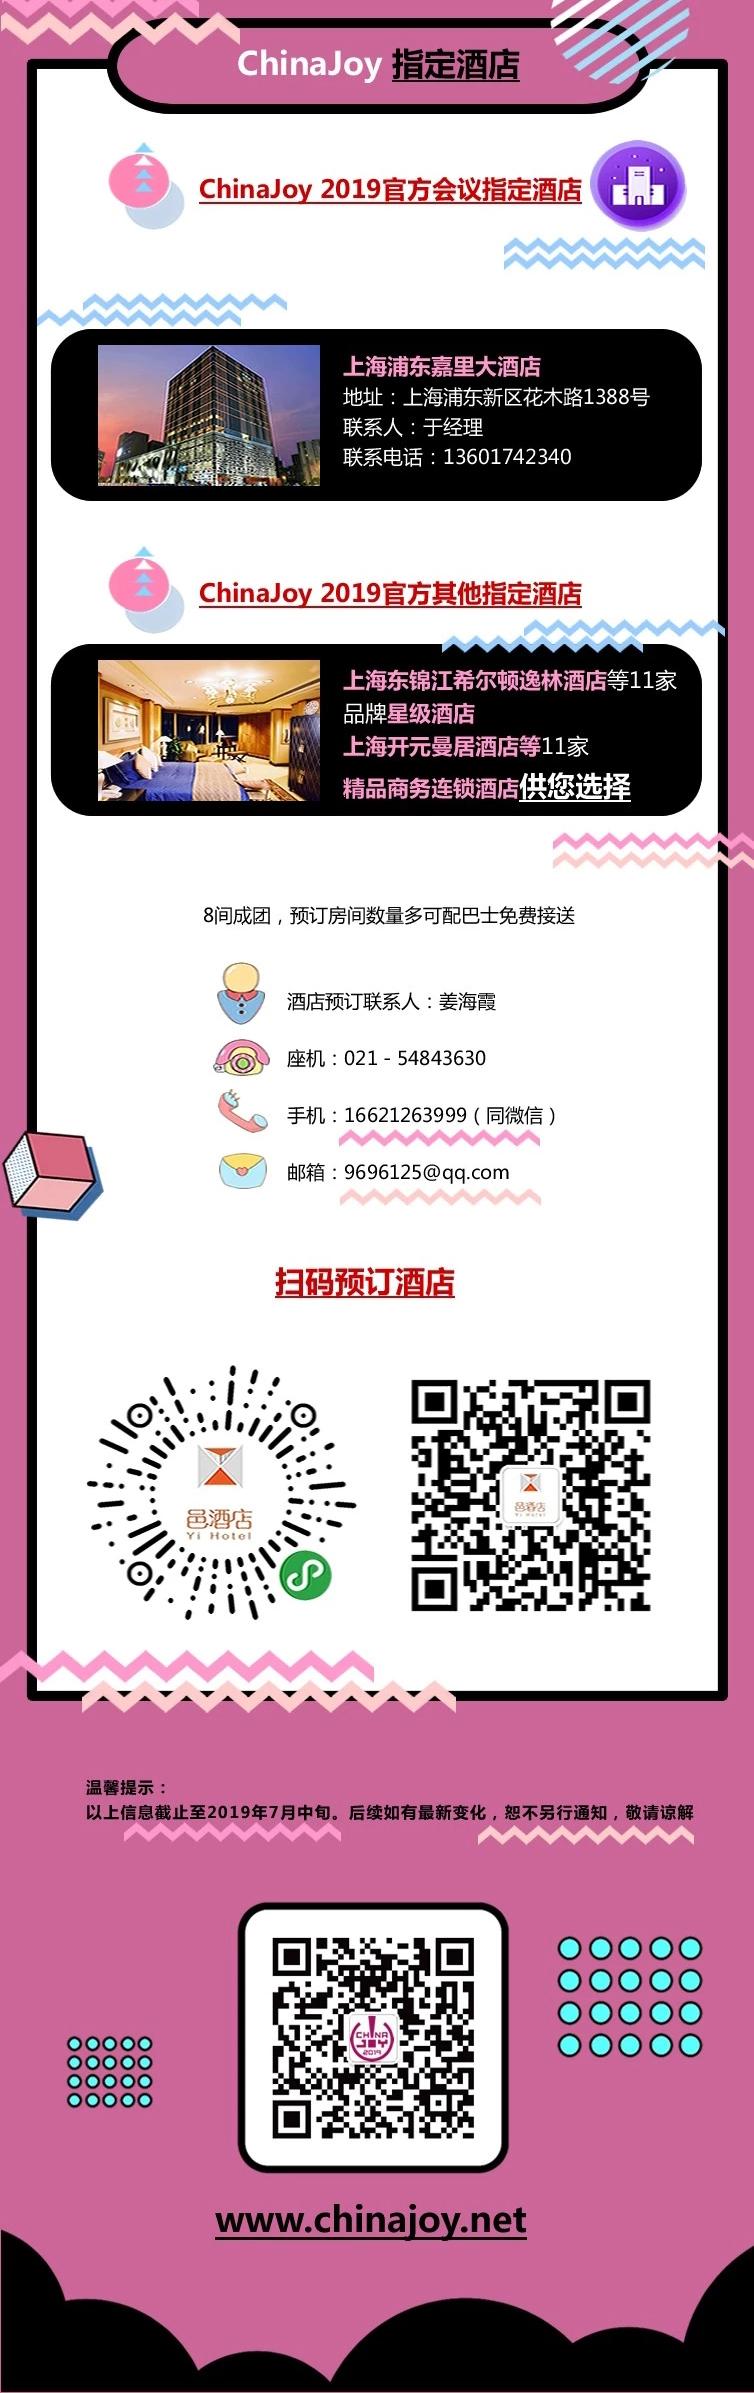 ChinaJoy2019展前信息汇总 助你轻松逛展乐无忧!